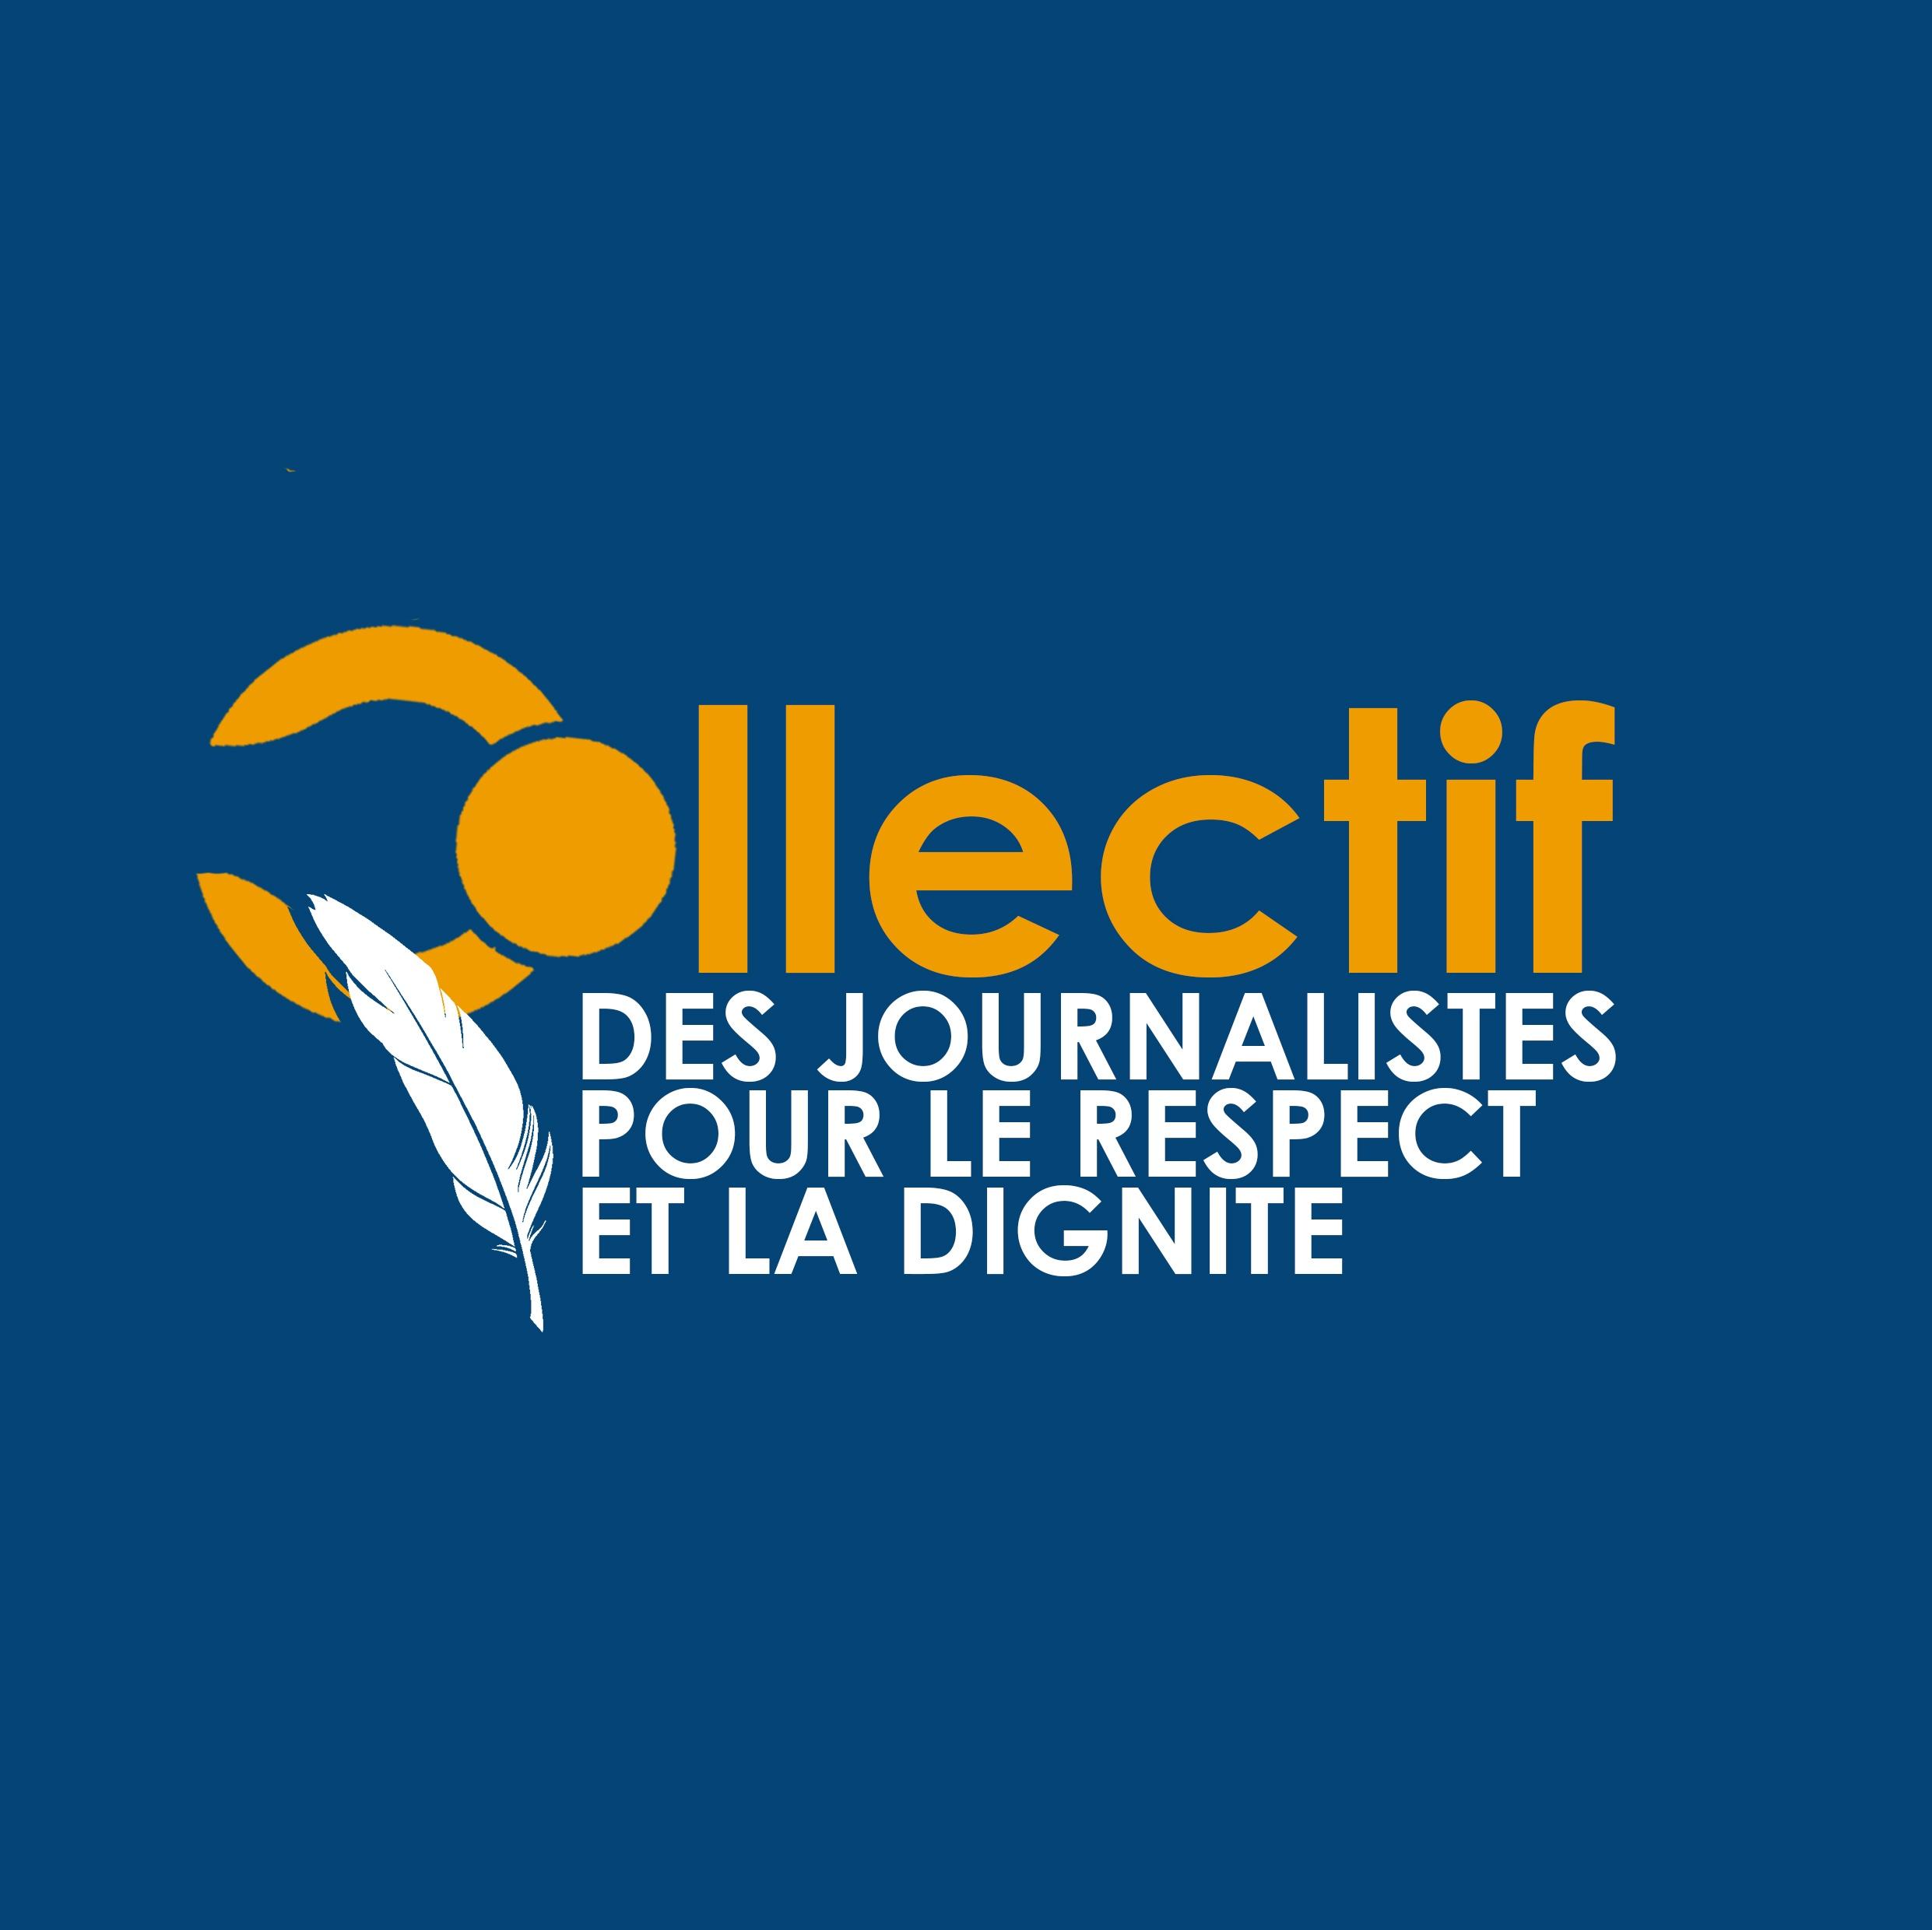 Rdc-medias:Les anciens de l'istiappelés à créer une nouvelle structure sécurisante pour la corporation des journalistes